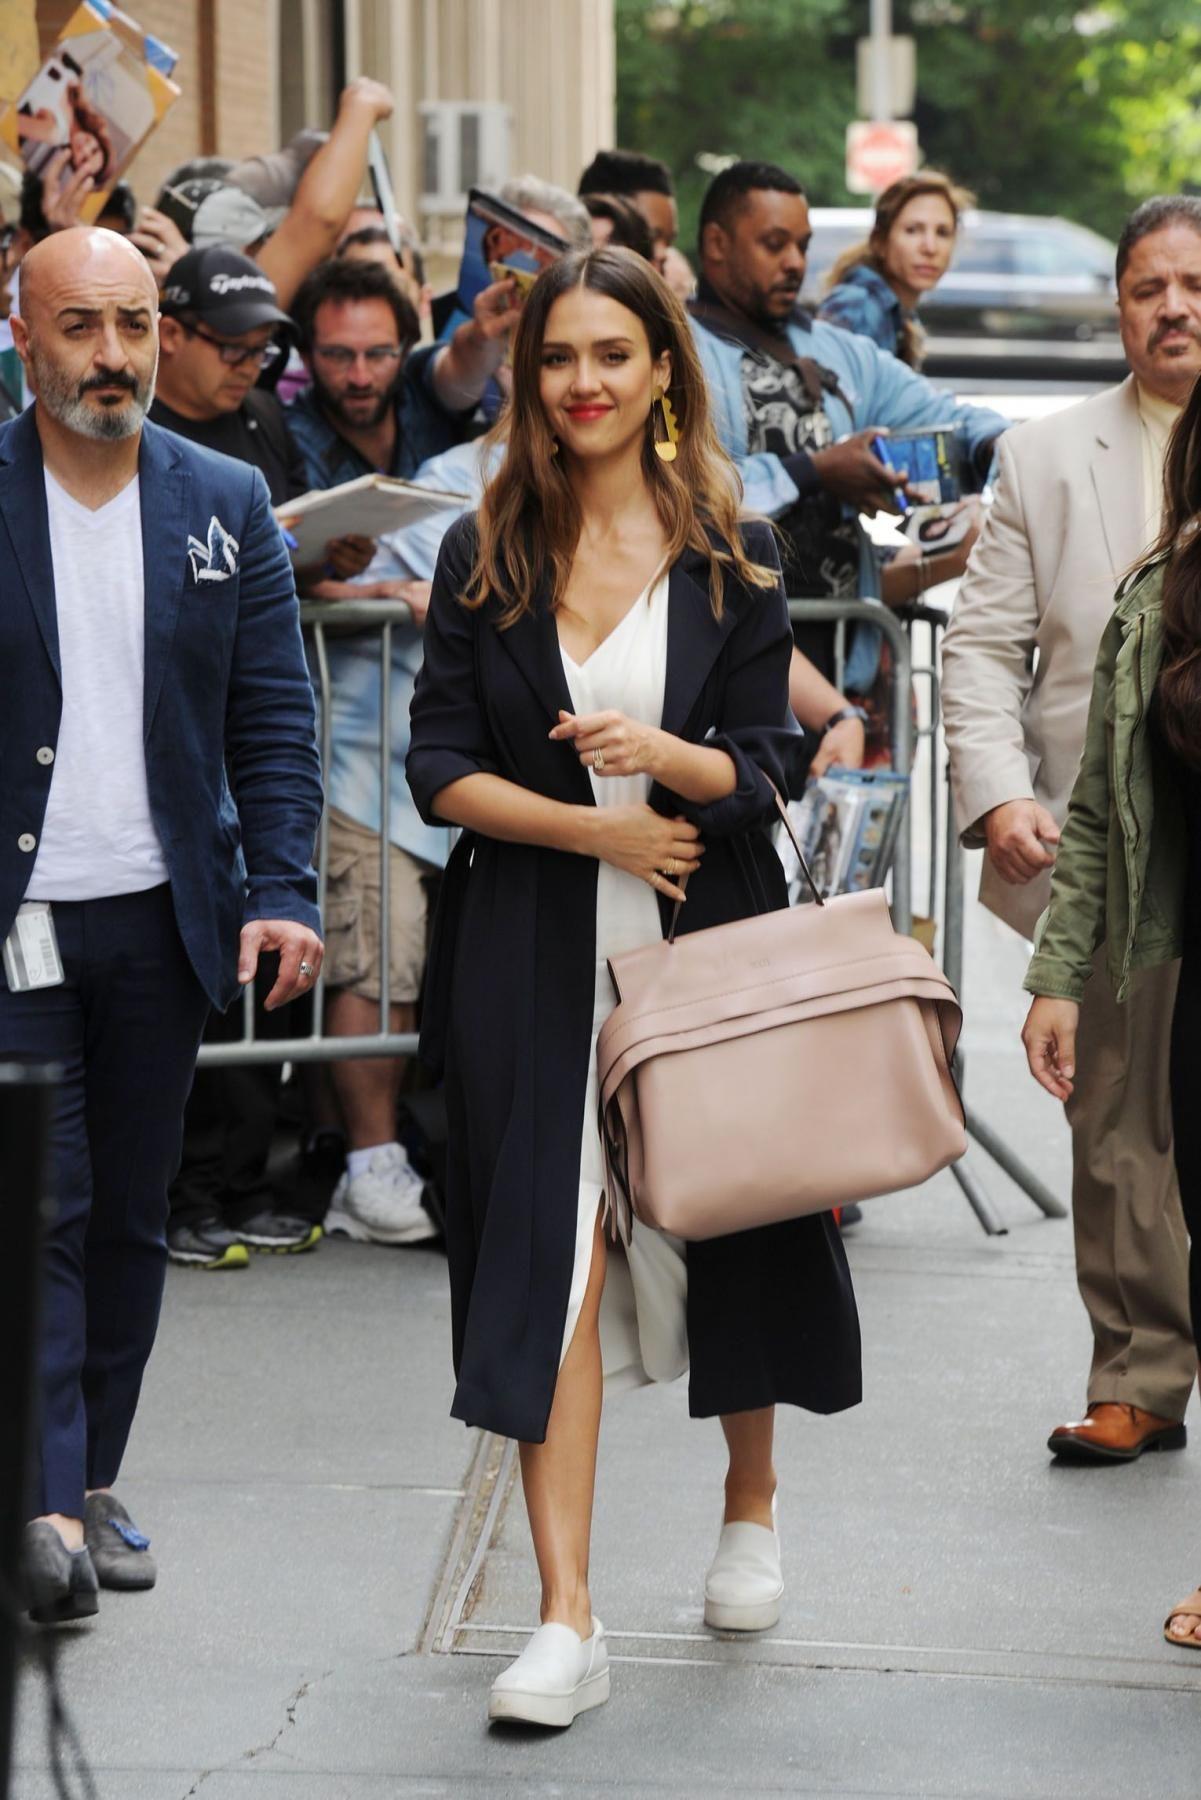 Bag: Celebrity jessica albas proenza schouler